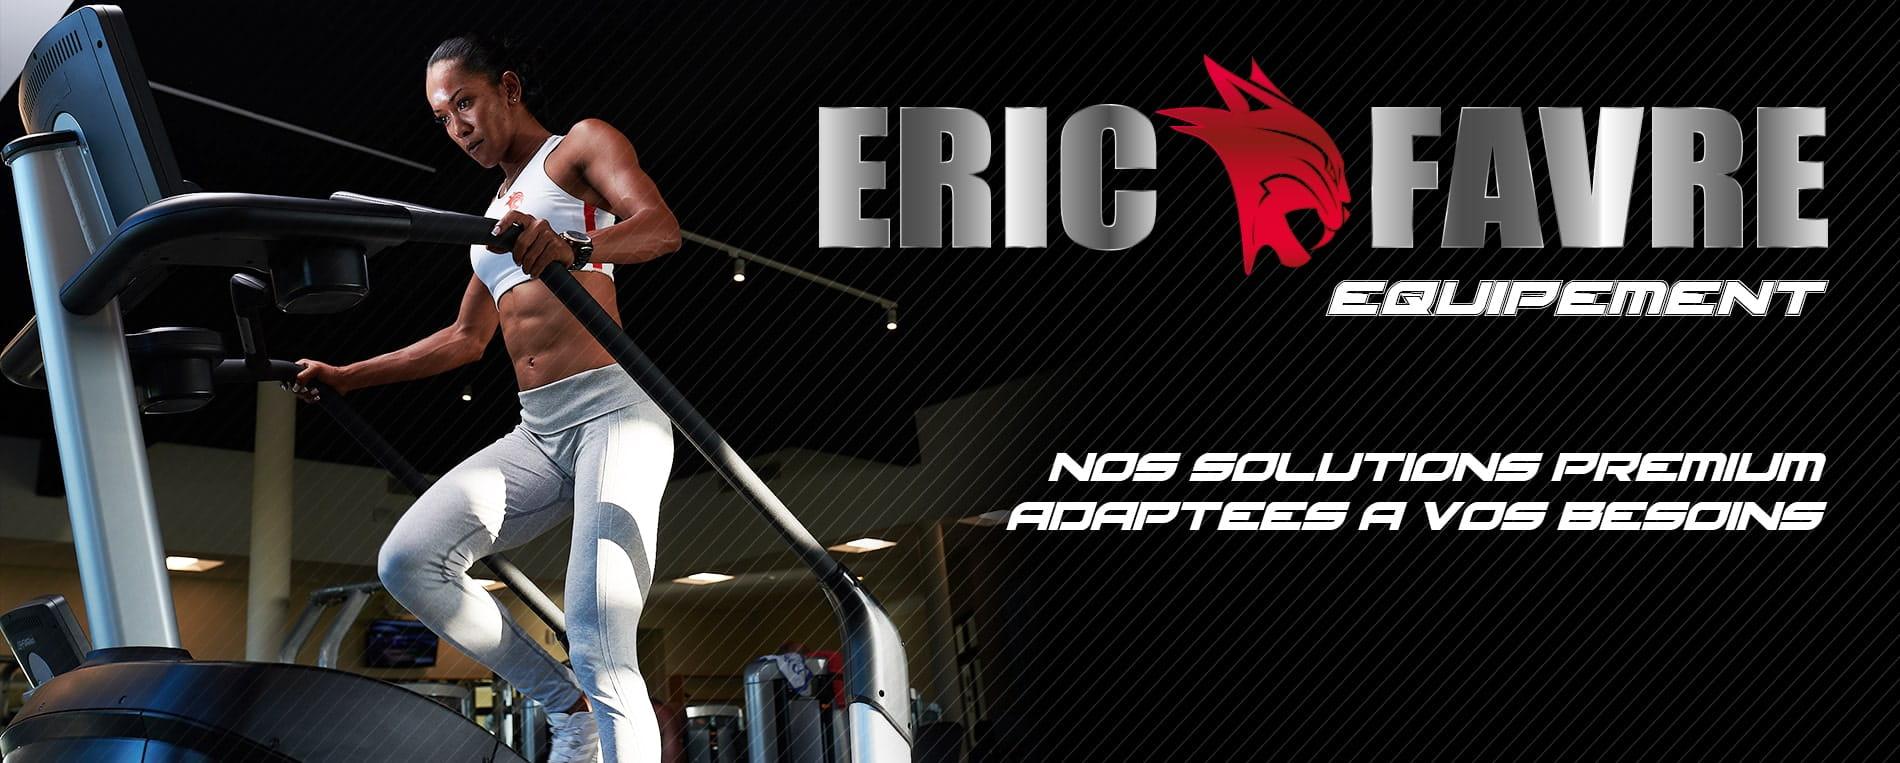 Eric Favre équipement sportif